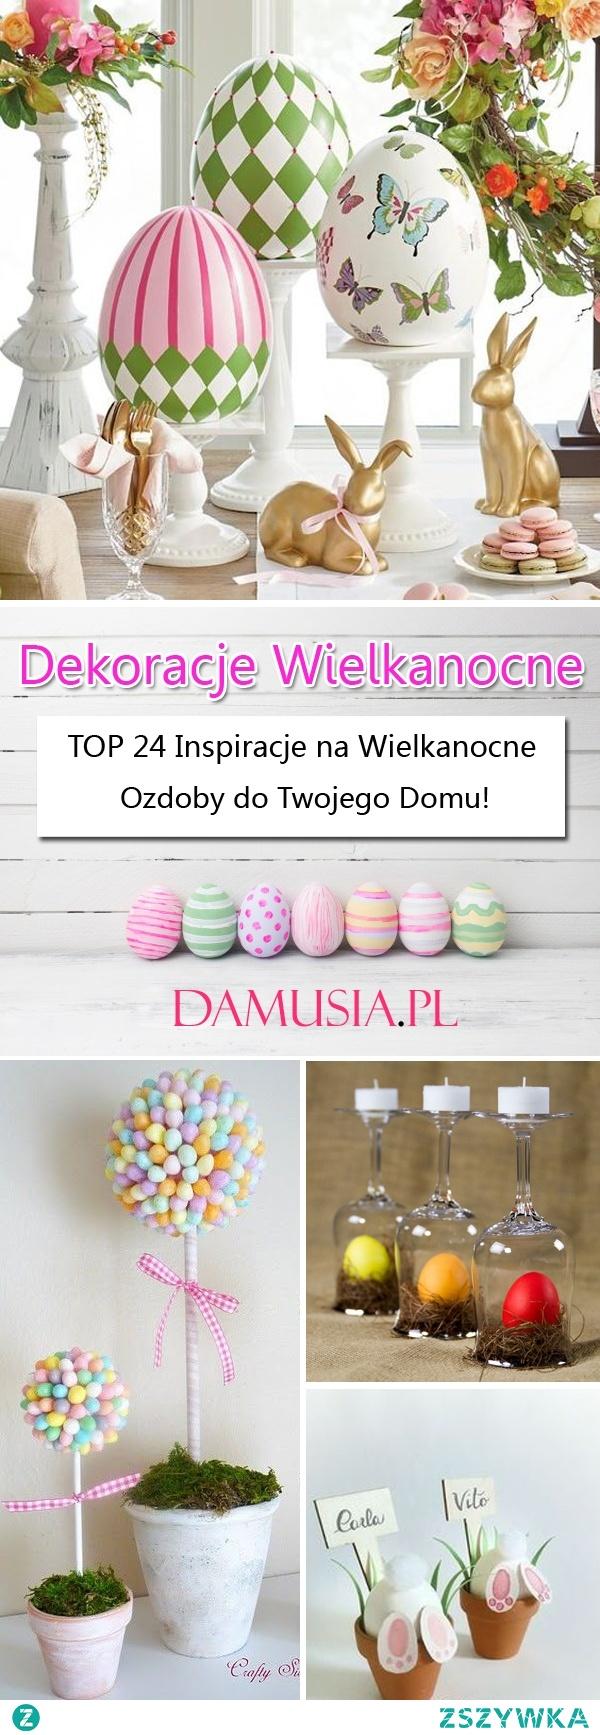 Dekoracje Wielkanocne – TOP 24 Śliczne Inspiracje na Wielkanocne Ozdoby do Twojego Domu!